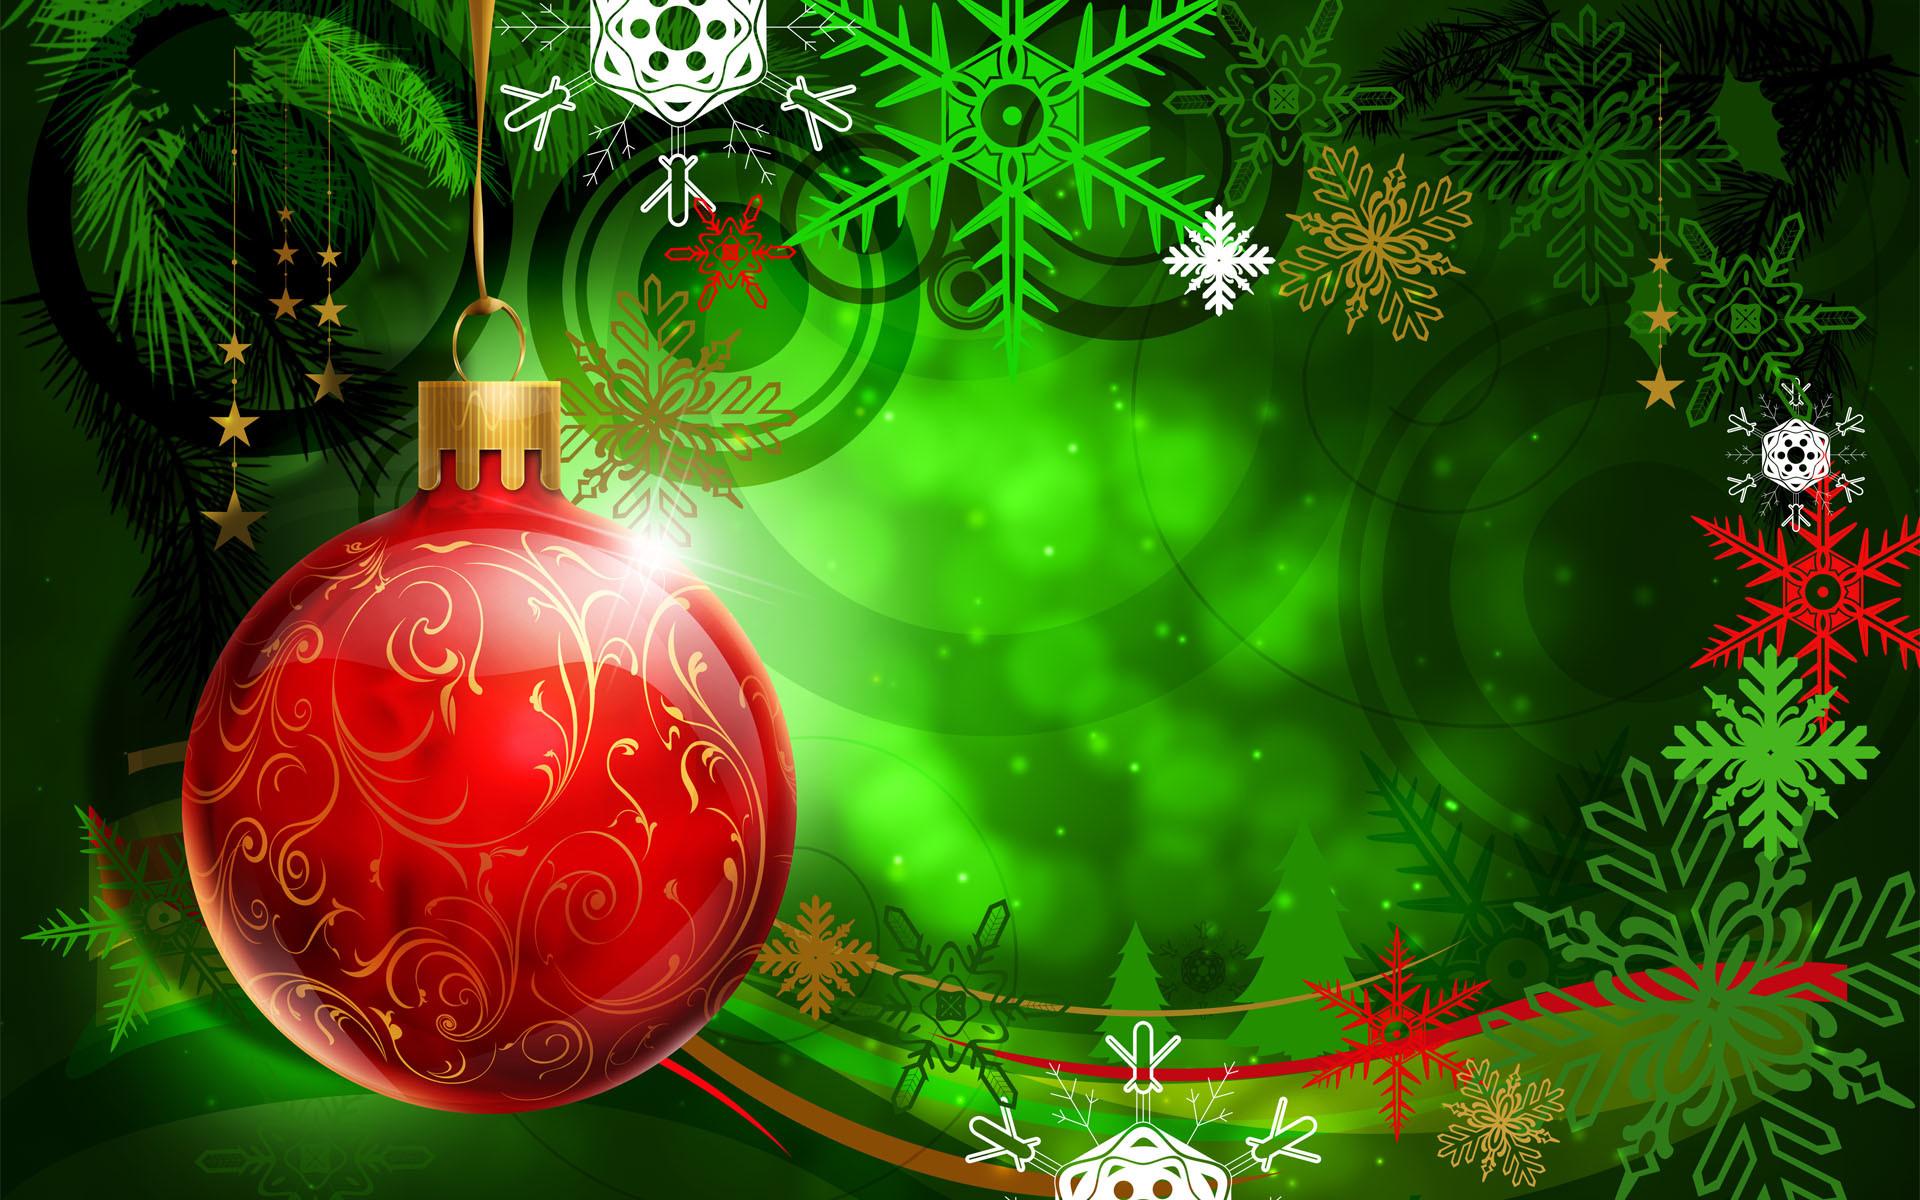 Christmas Wallpaper for Desktop | Christmas New Year Wallpaper 147, Free  Desktop Wallpapers, Cool